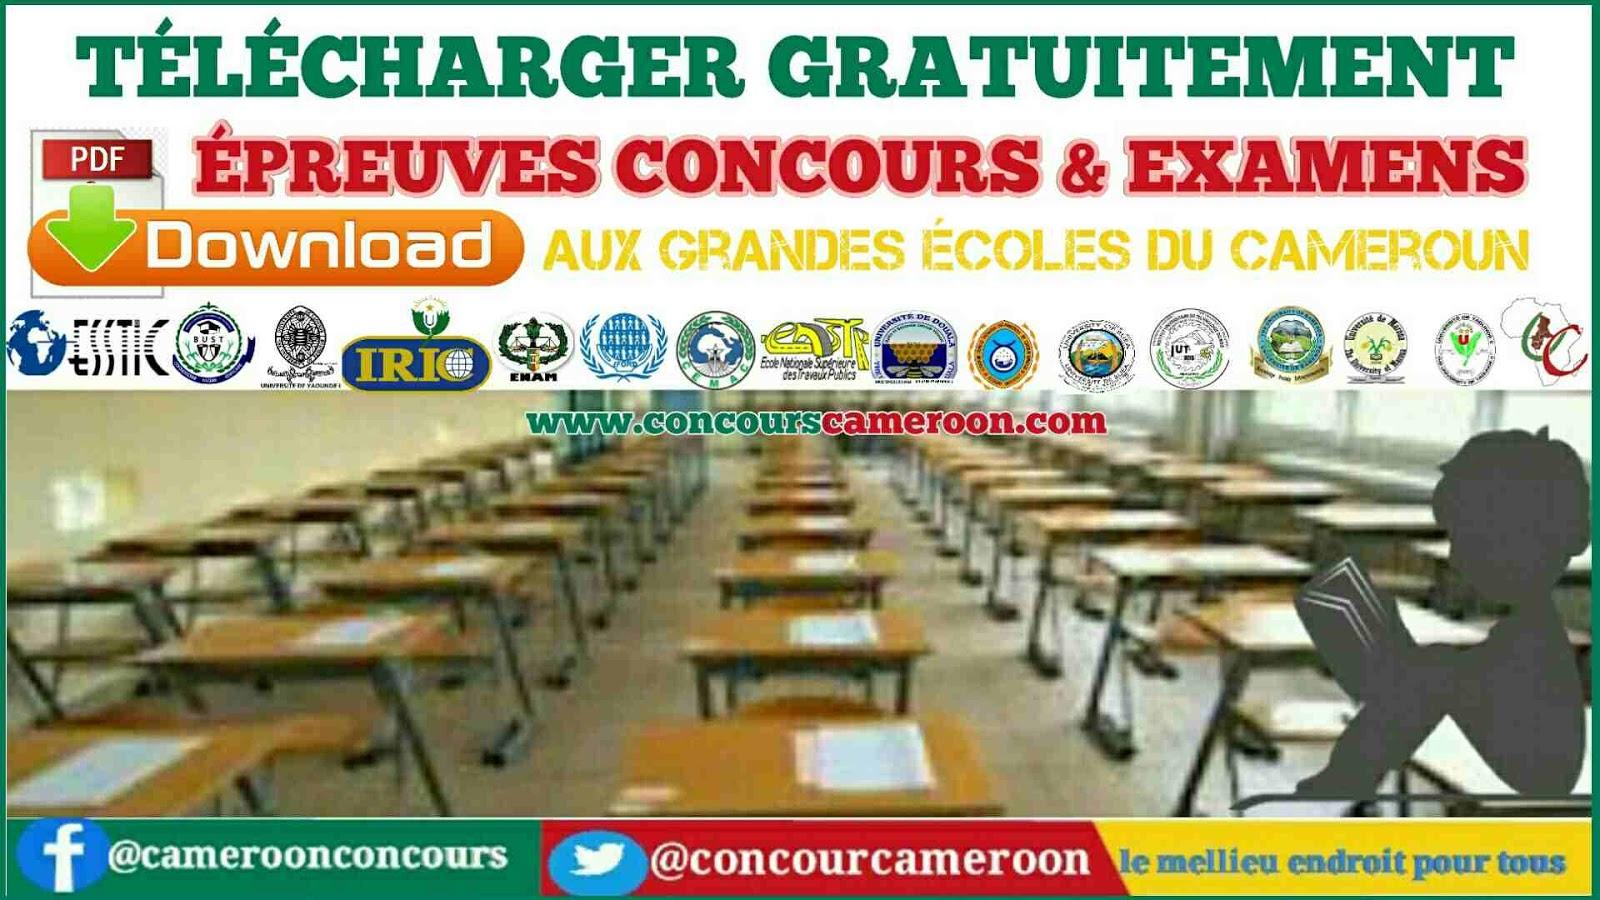 ANCIENNES EPREUVES DES CONCOURS D'ENTREE DANS LES GRANDES ECOLES AU CAMEROUN